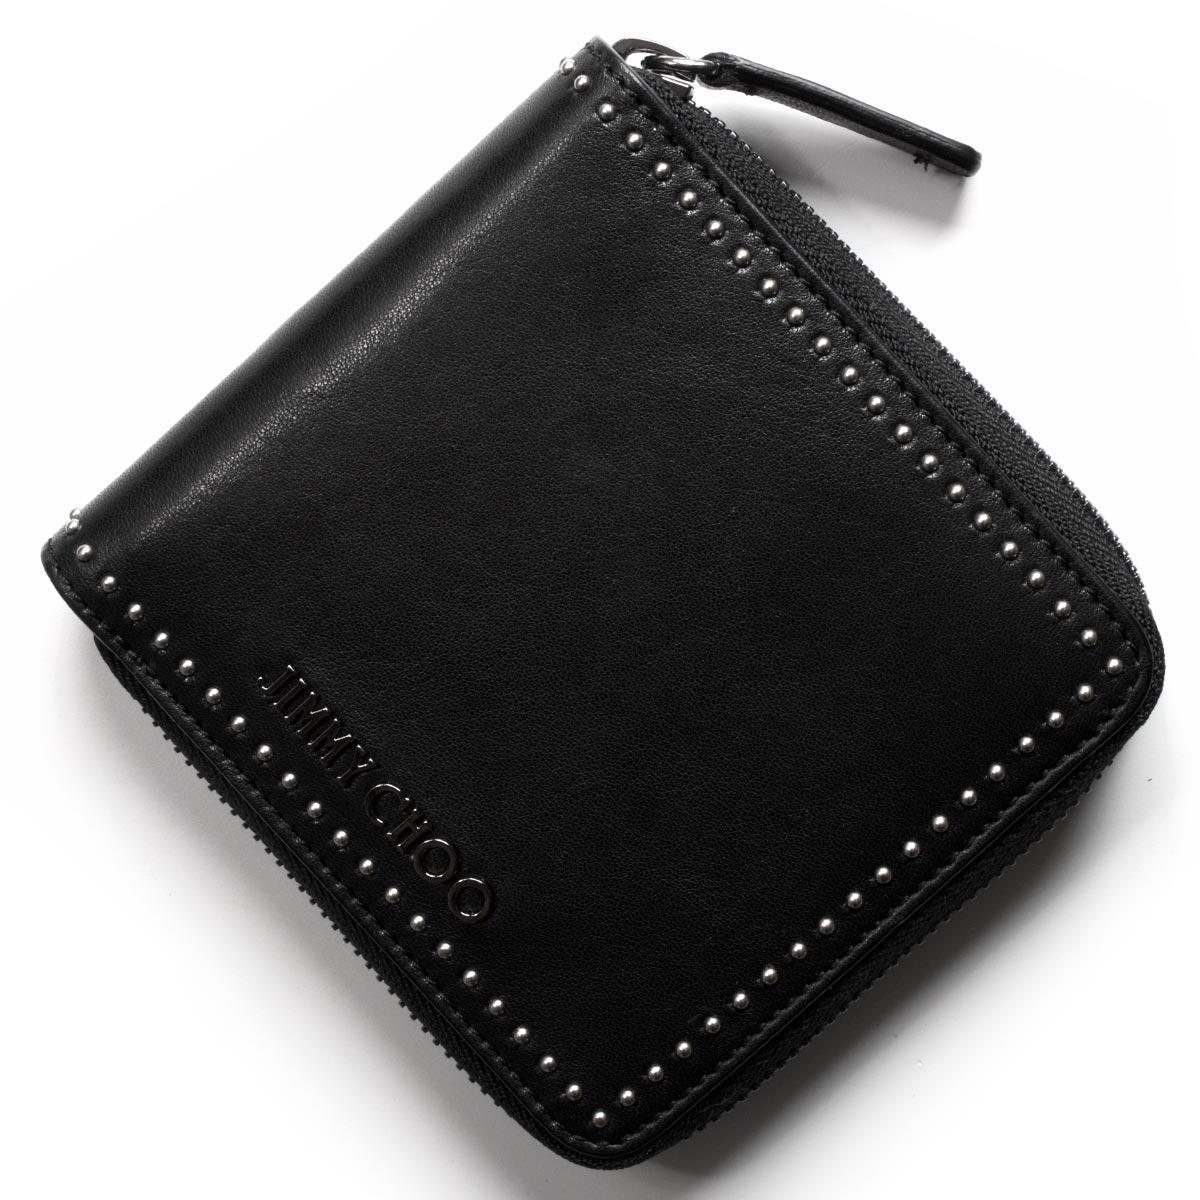 ジミーチュウ 二つ折り財布 財布 メンズ レディース ローレンス ミニ スタッズ ブラック LAWRENCE TIA 163 BLACK JIMMY CHOO